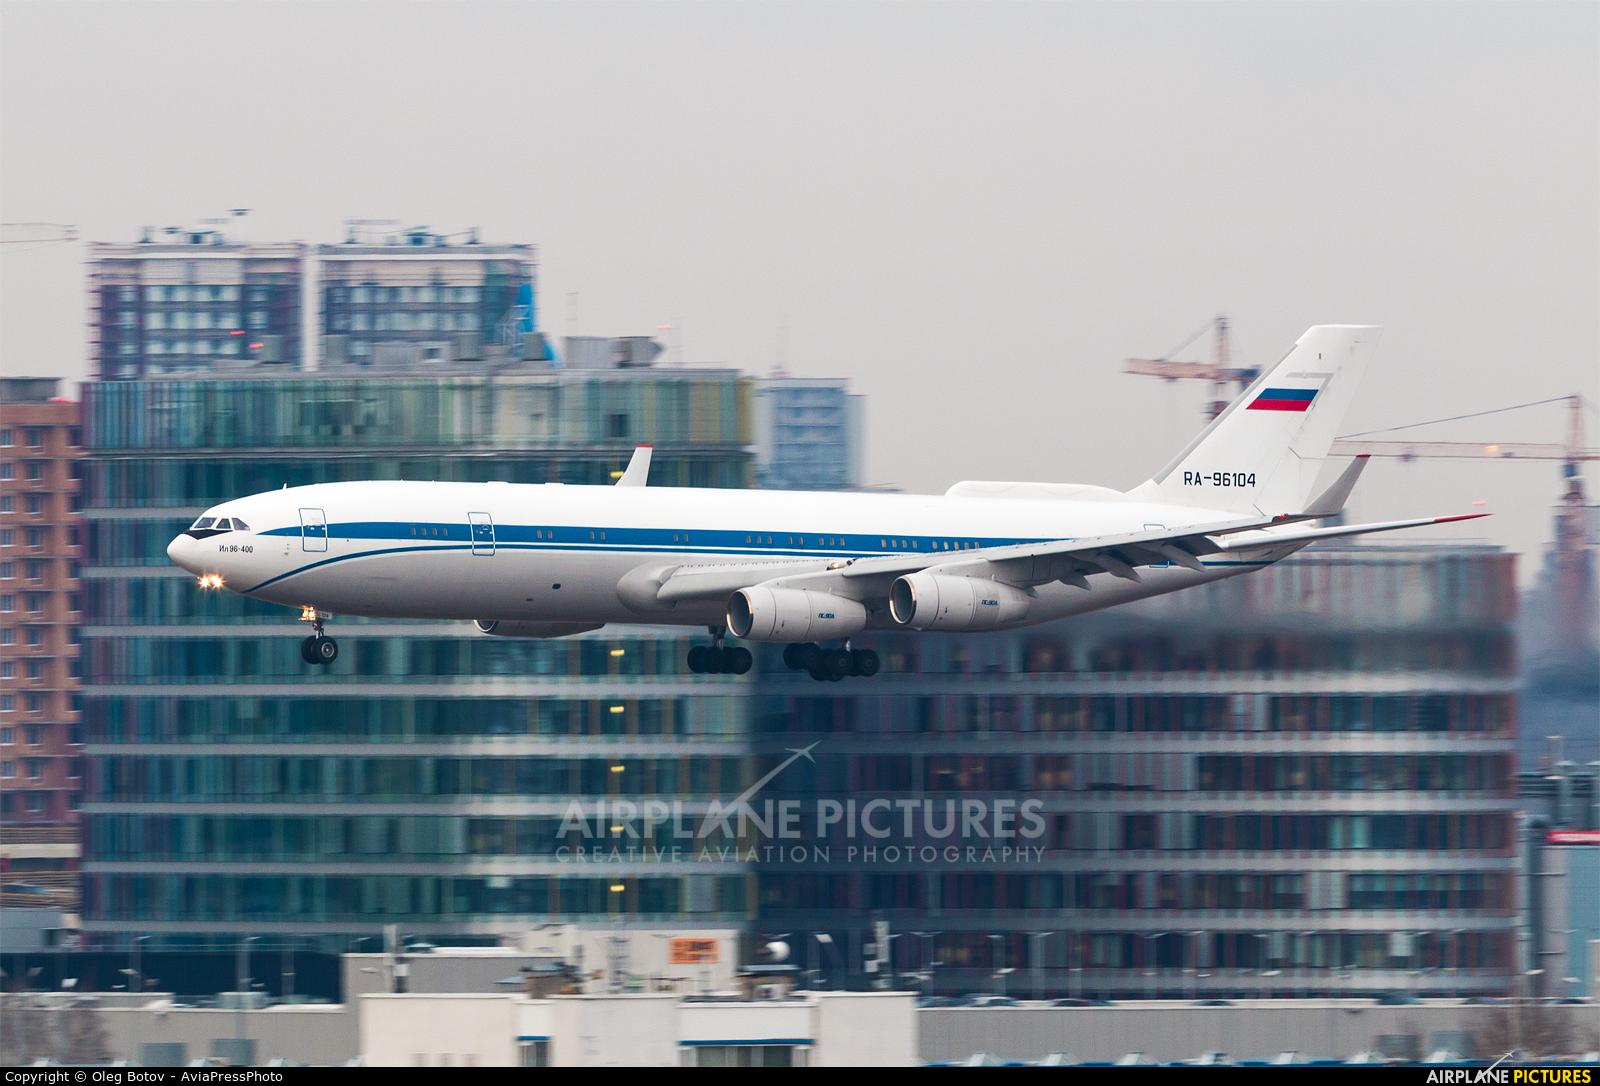 Russia - Federal Border Guard Service RA-96104 aircraft at St. Petersburg - Pulkovo